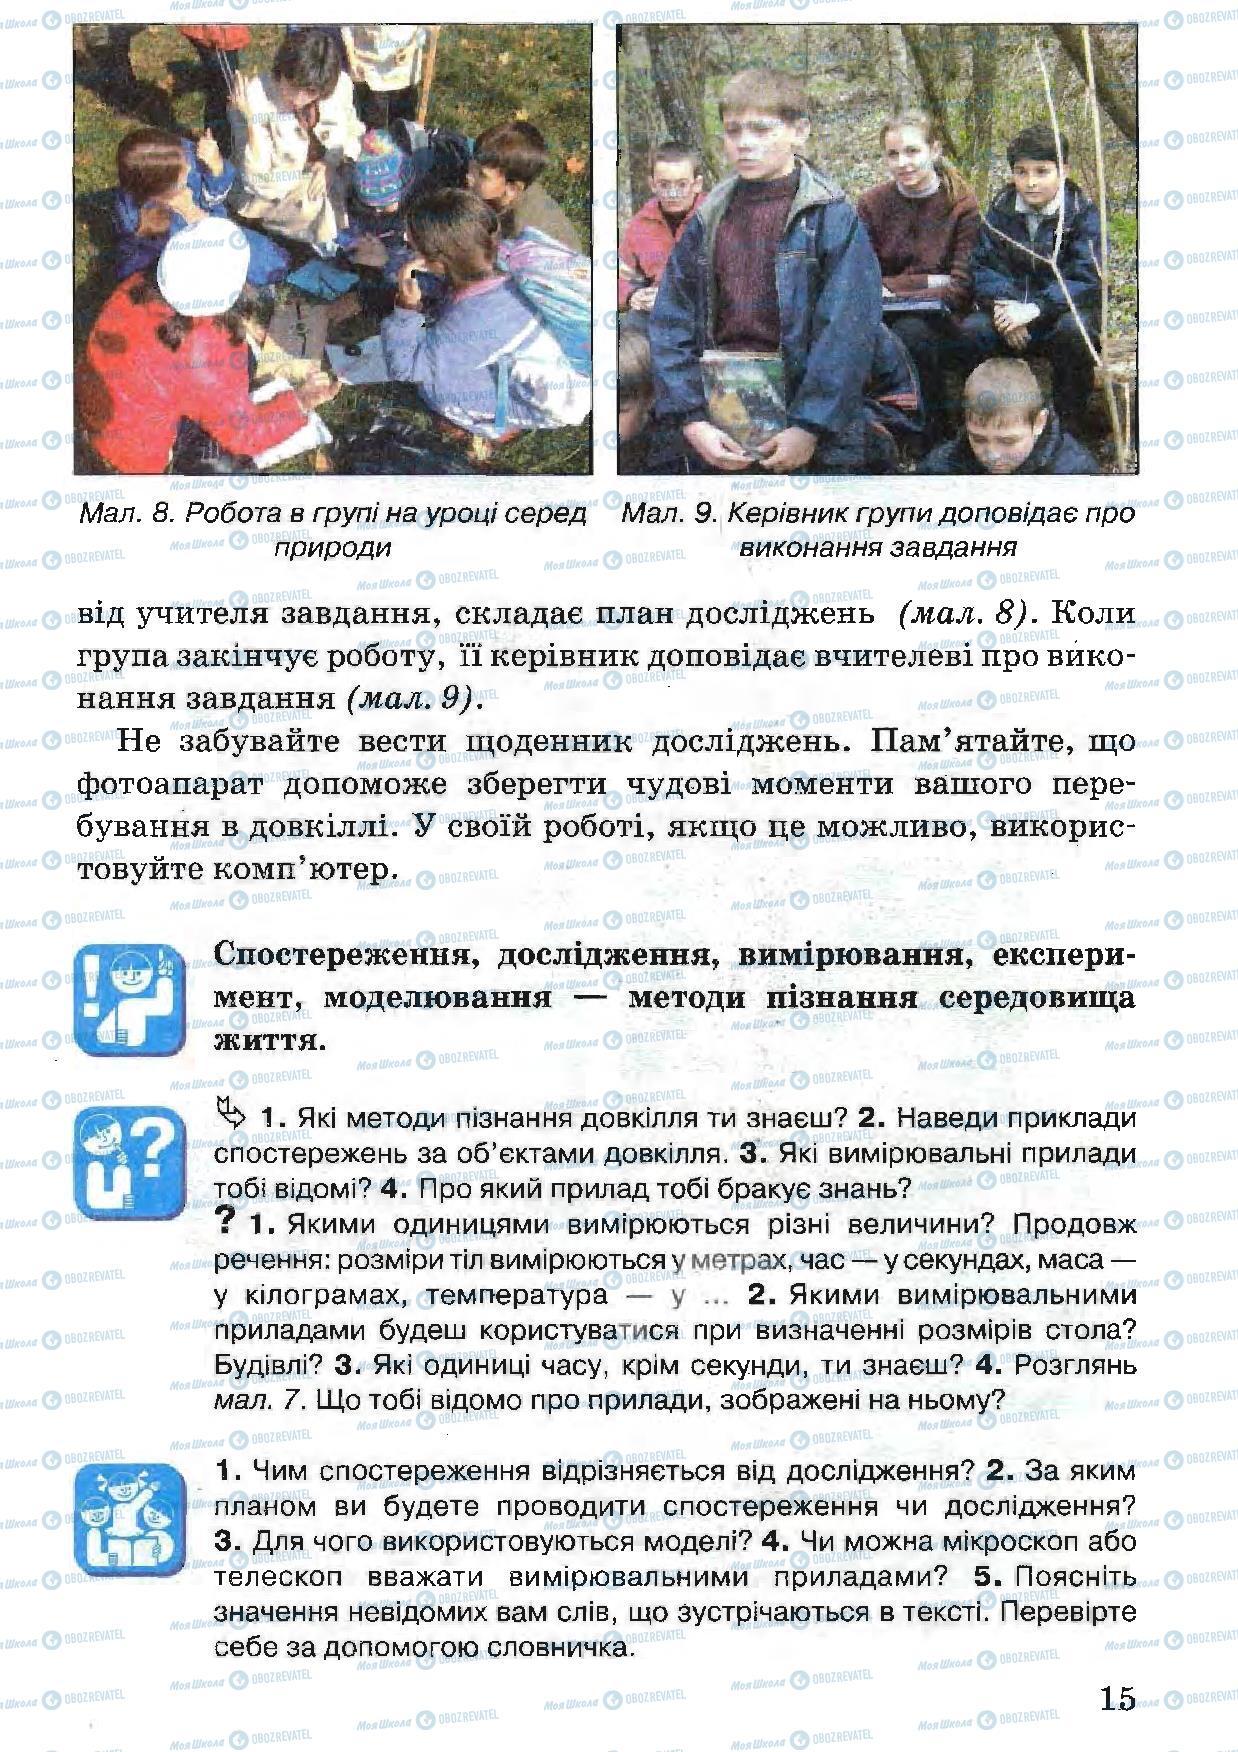 Підручники Природознавство 5 клас сторінка 15